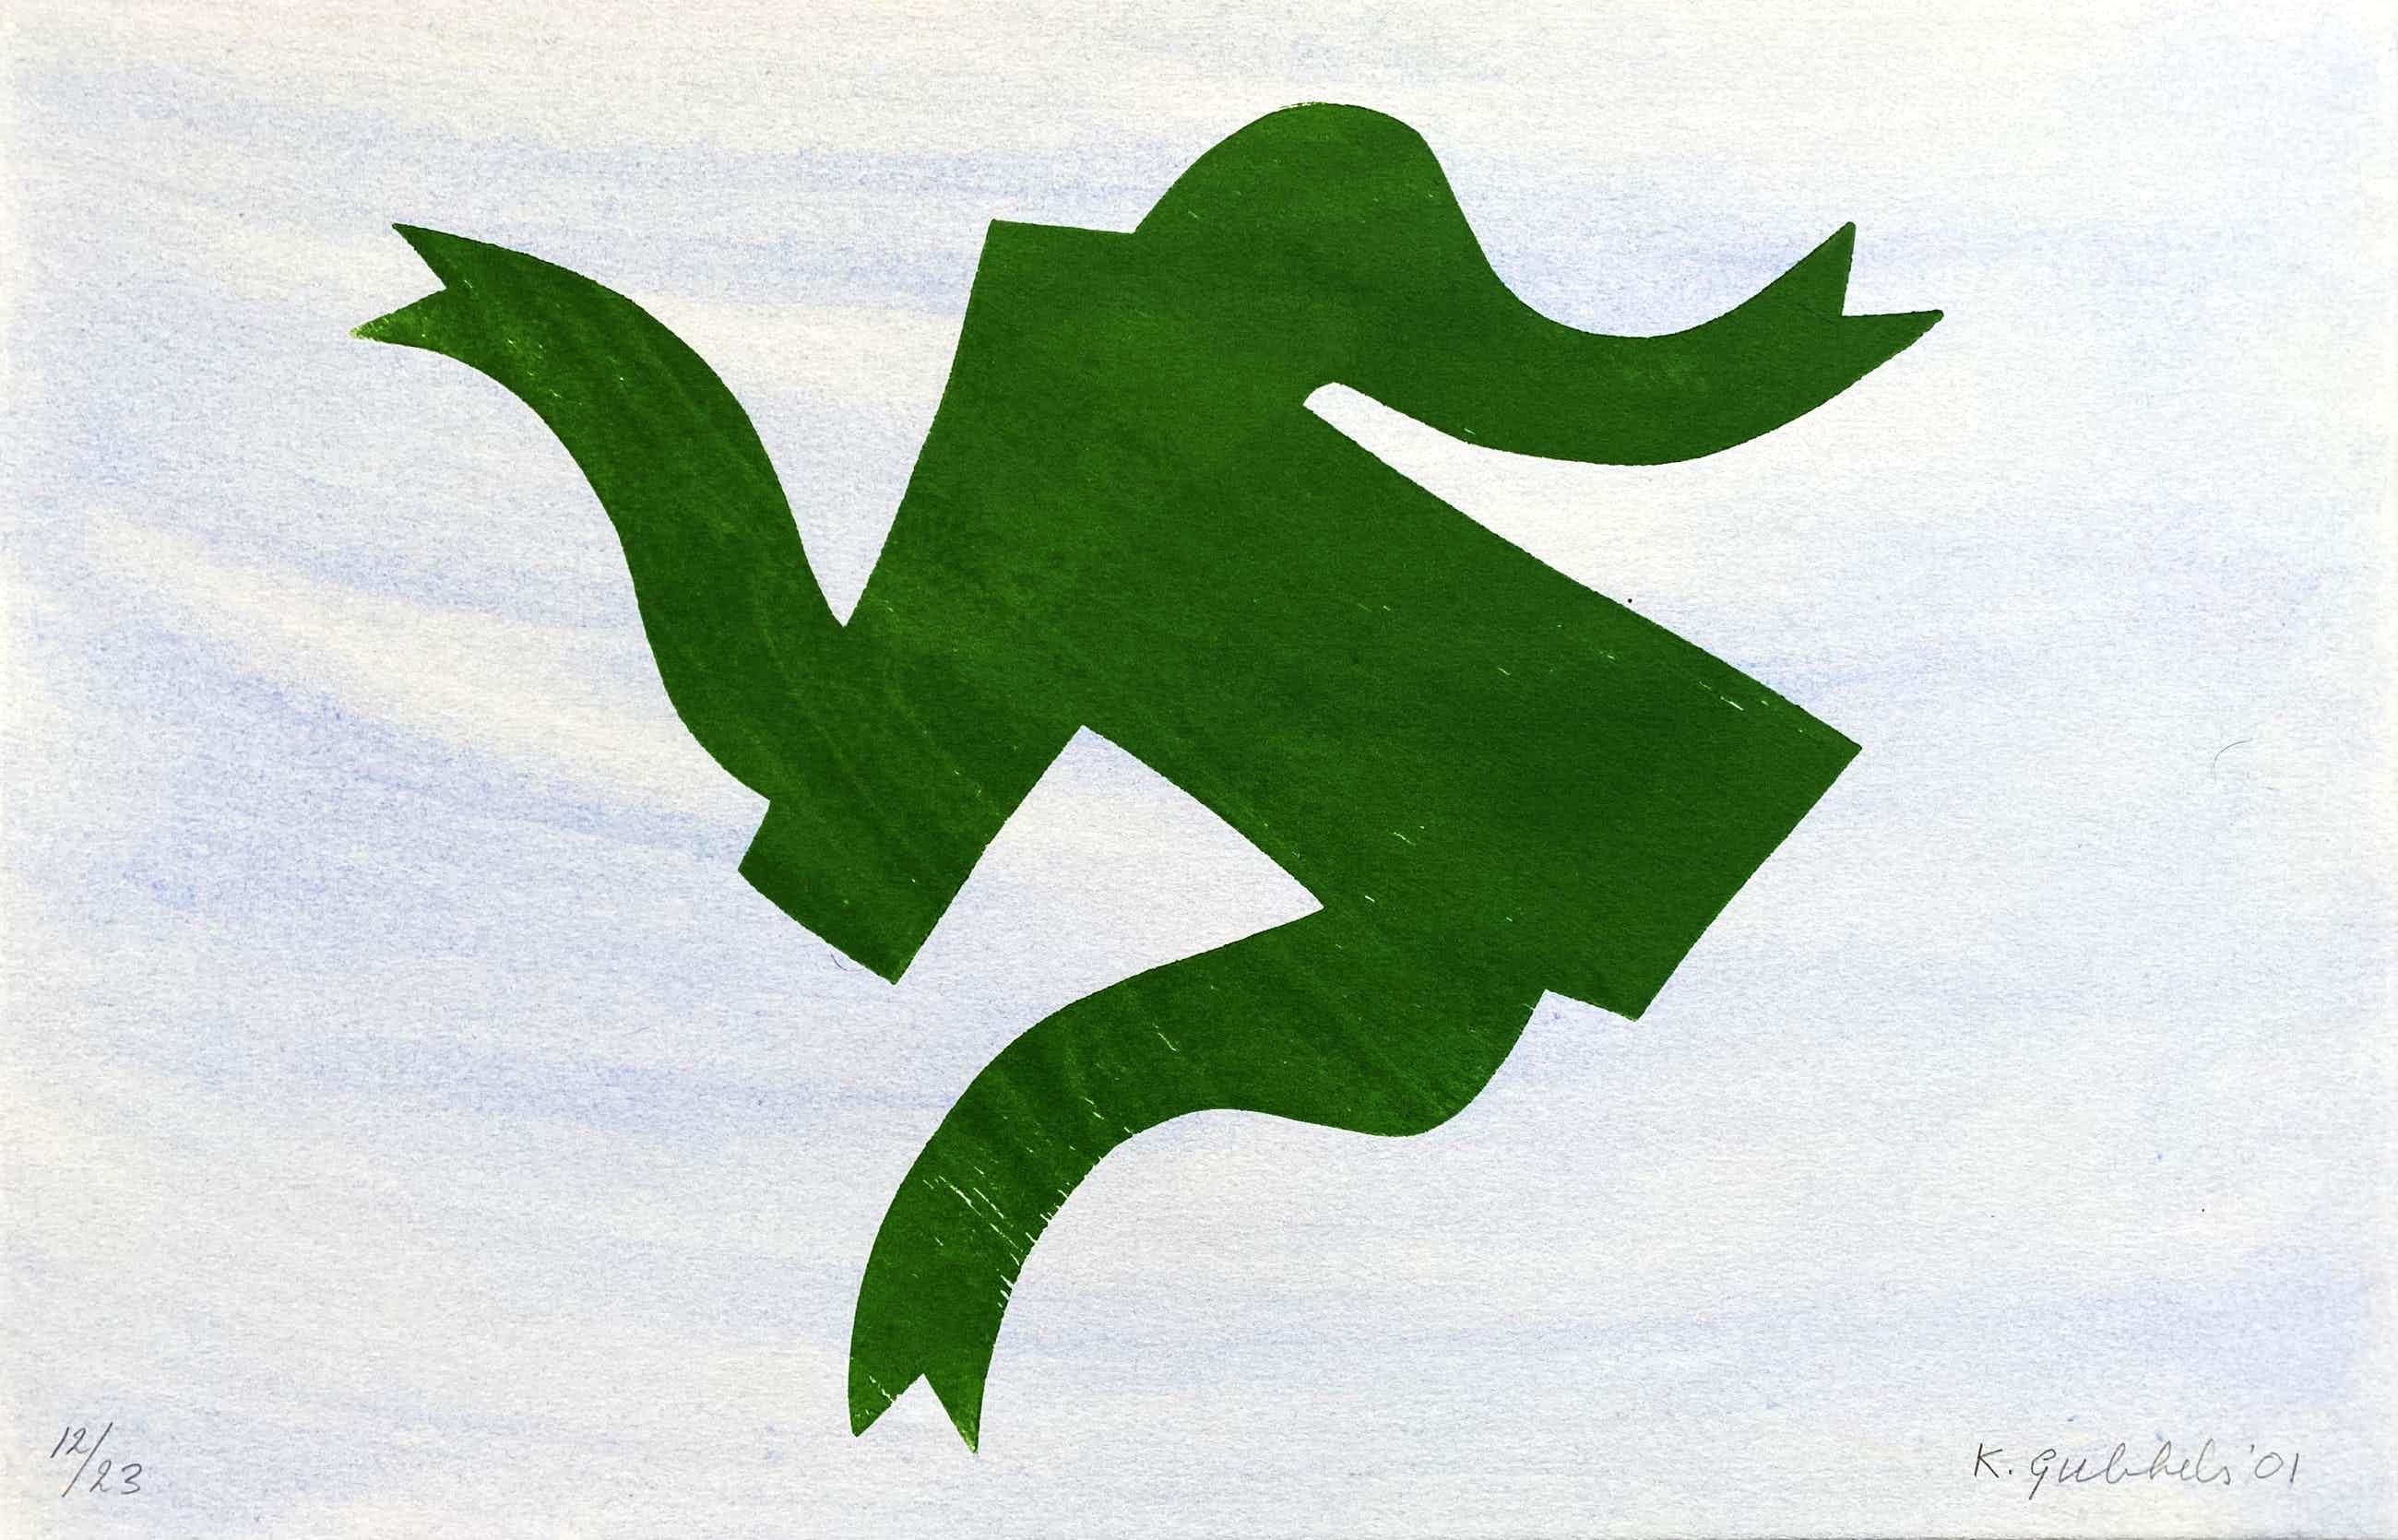 Klaas Gubbels - De groene alles kan kopen? Bied vanaf 345!